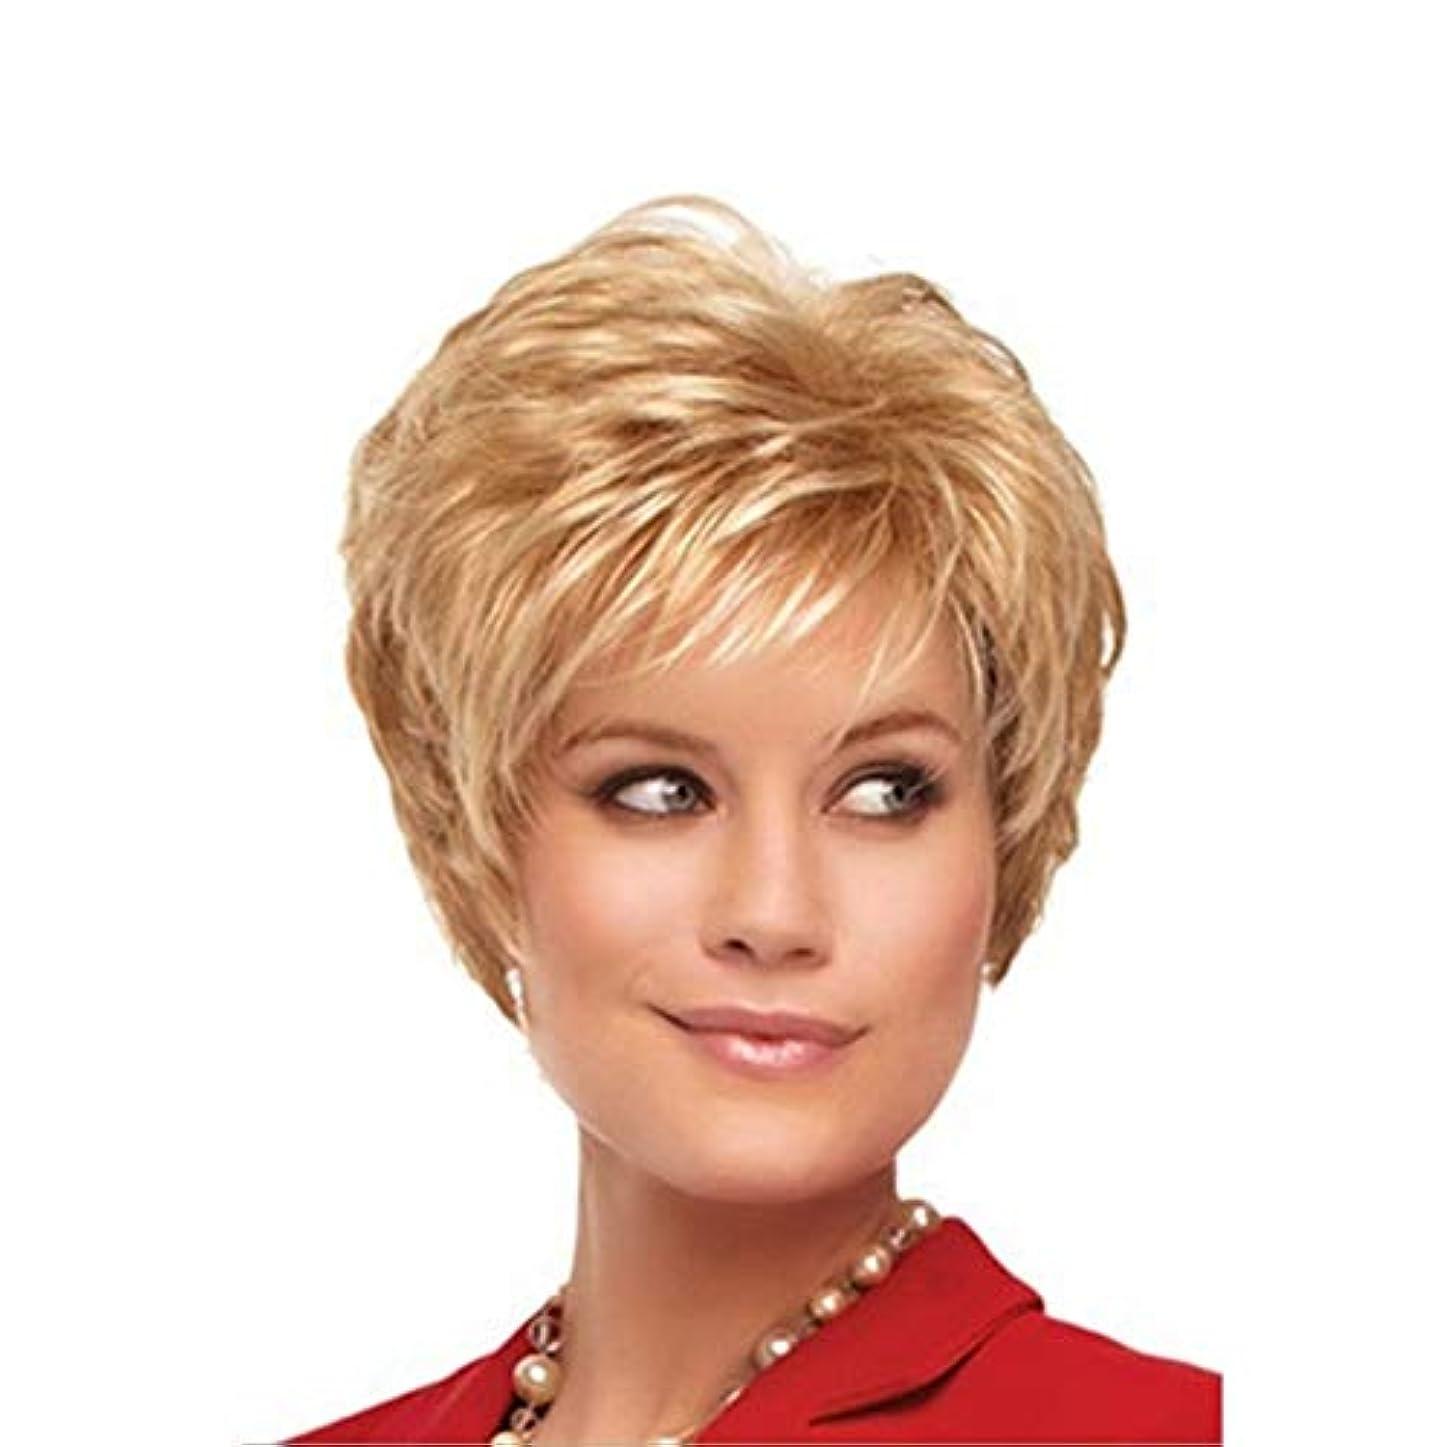 あなたが良くなります批判的従順なWASAIO レディースショートウィッグサマースタイルフルウェーブカーリー (色 : Blonde)